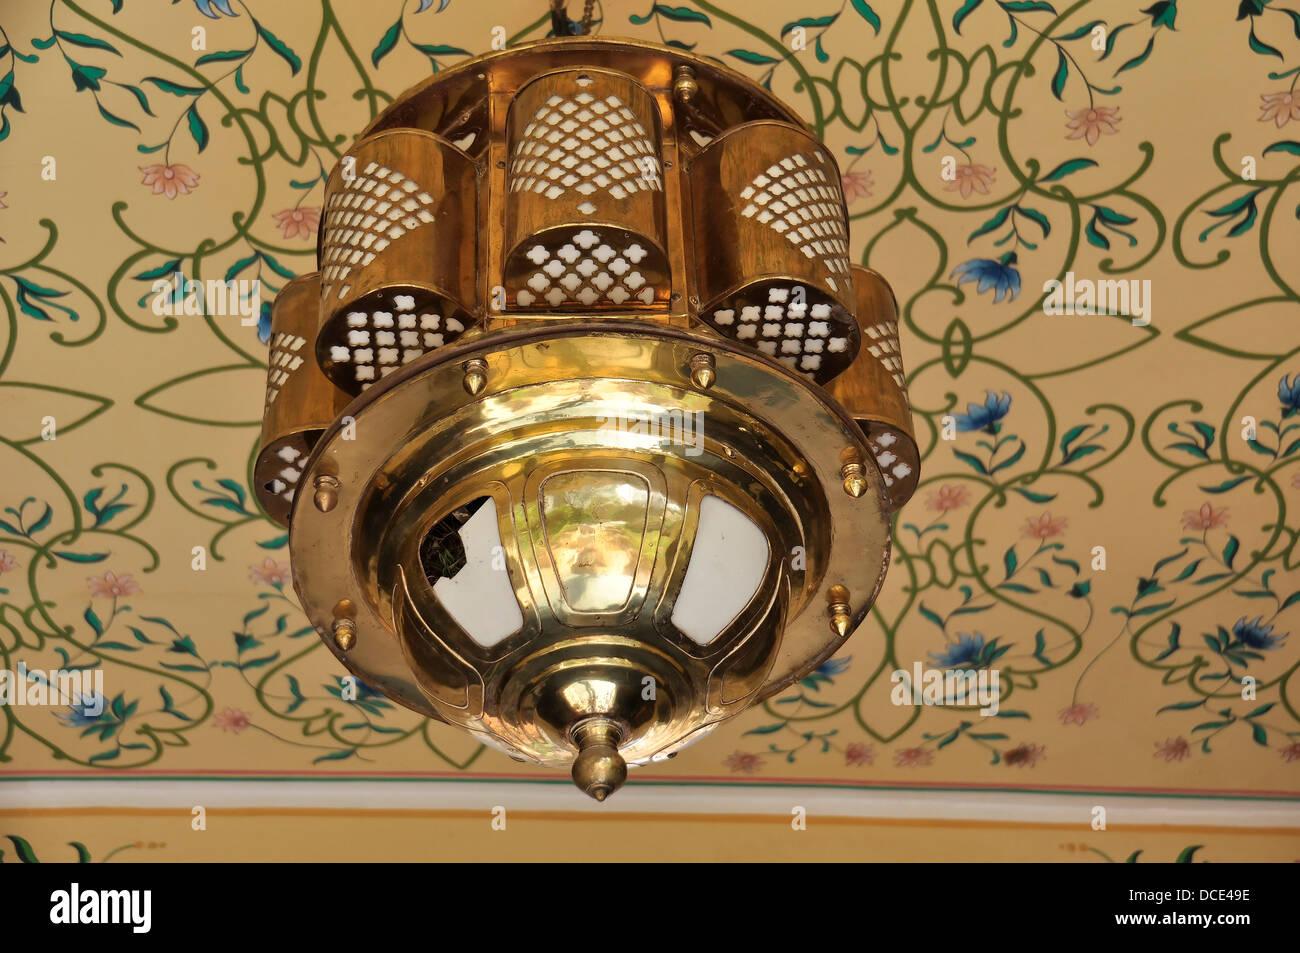 Lampe Kronleuchter Hangend Interieur Dekoration Messing Reich